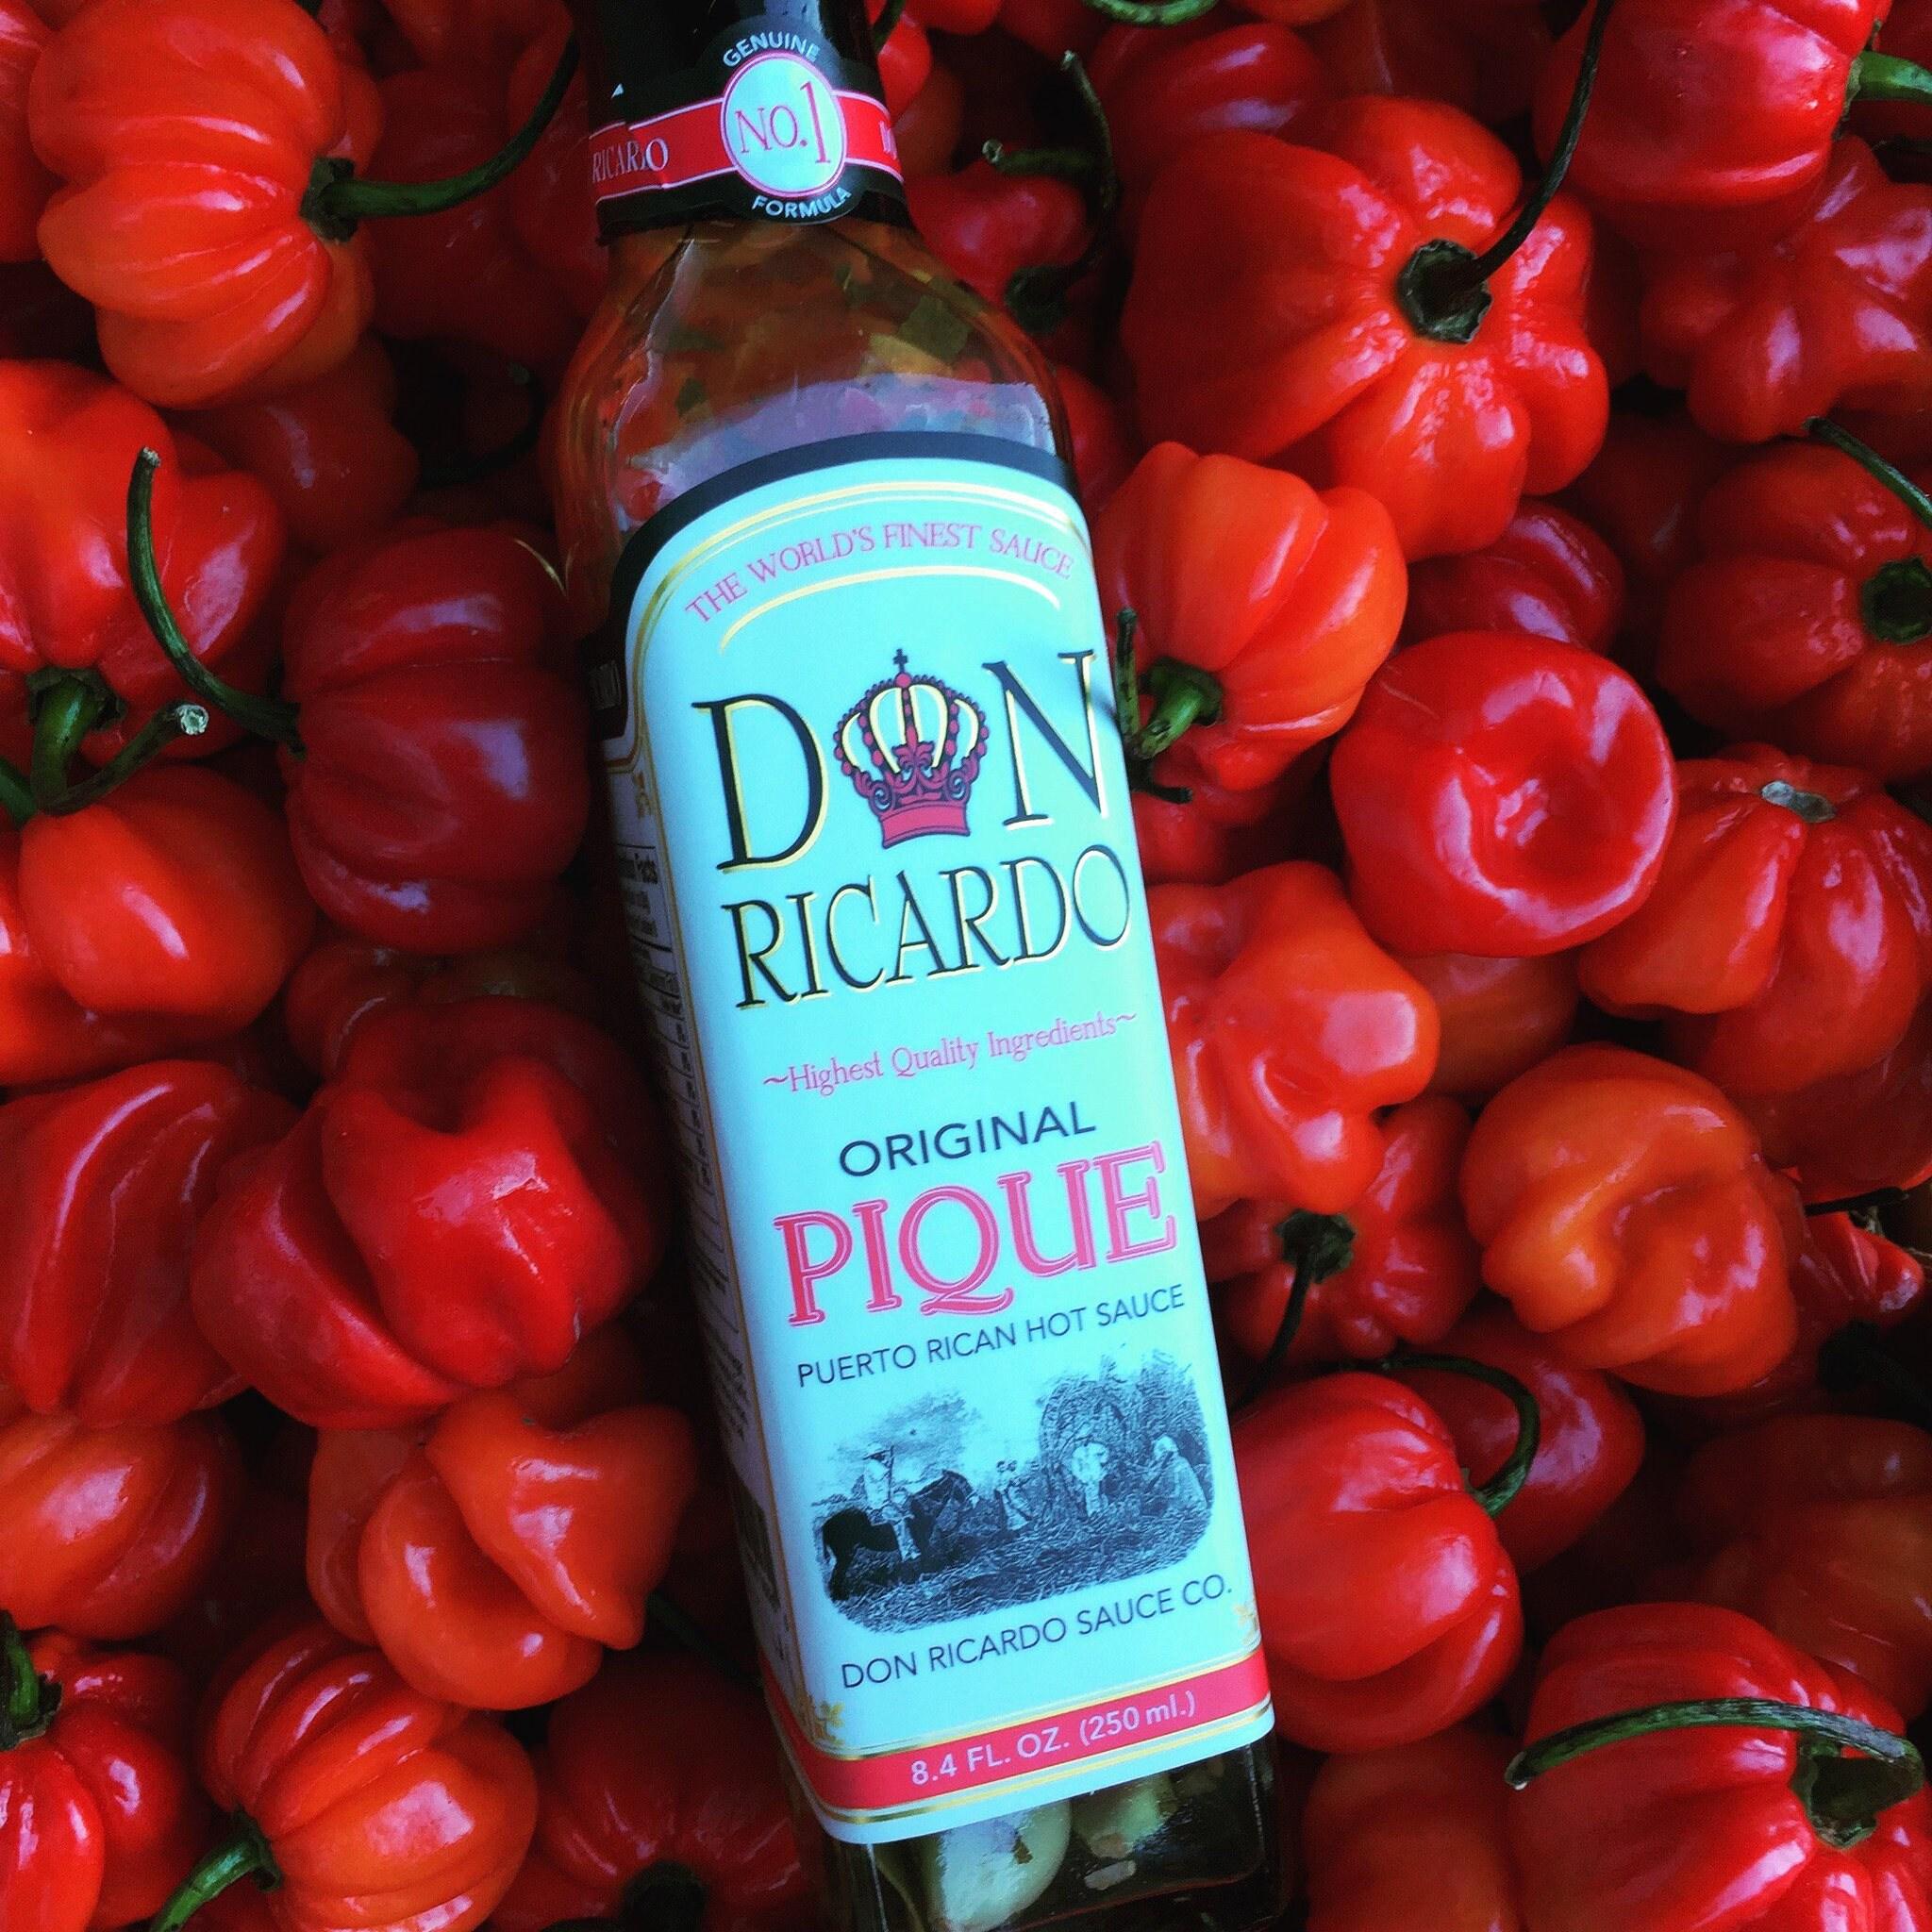 Pique Sauce Don Ricardo Sauce Co Puerto Rican Hot Sauce